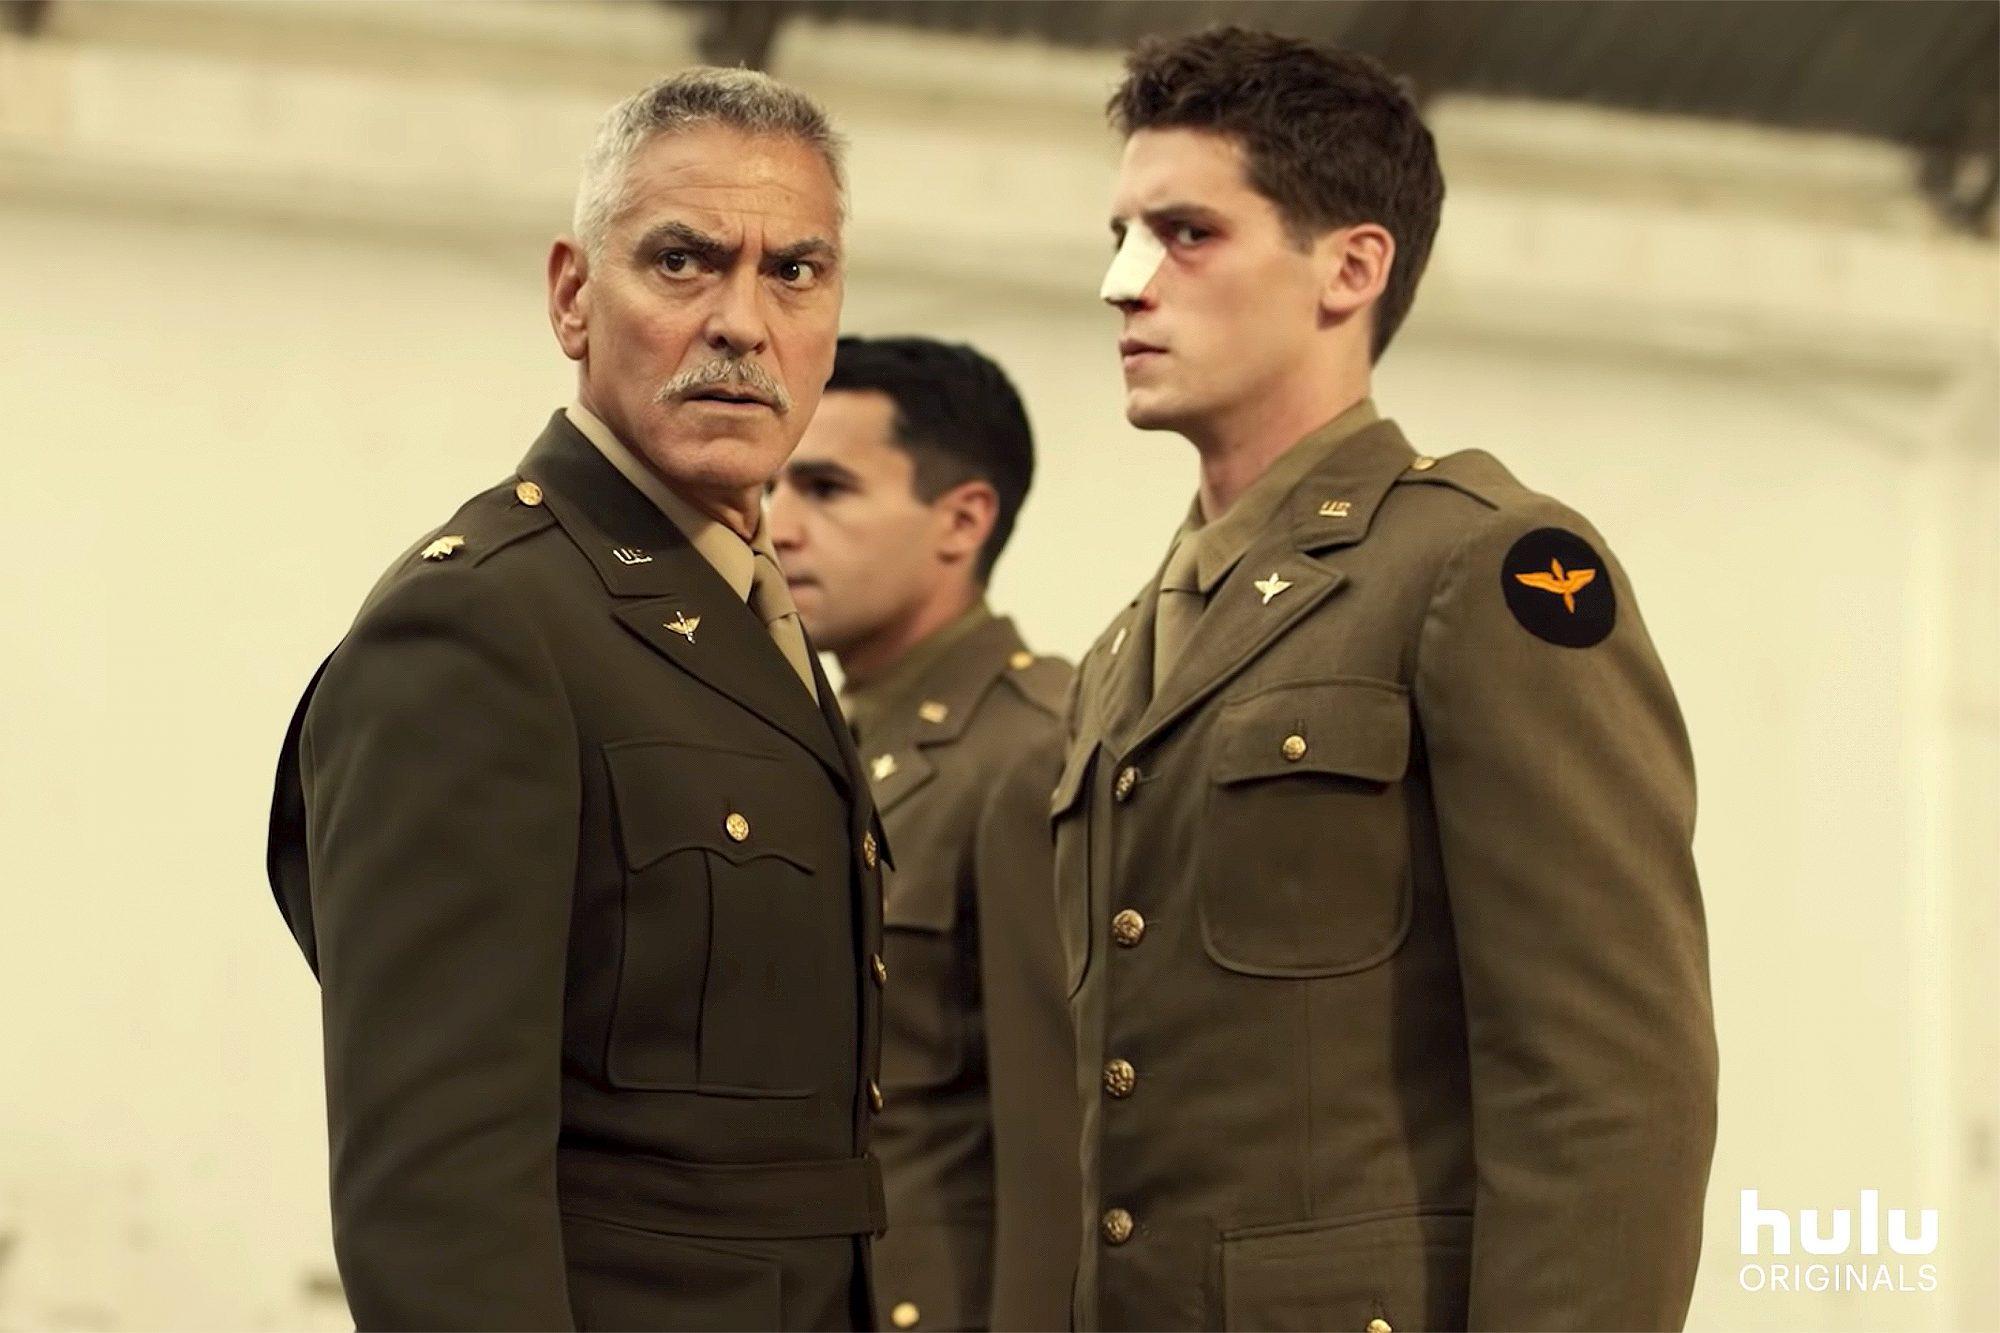 George Clooney in Hulu's new original series Catch 22